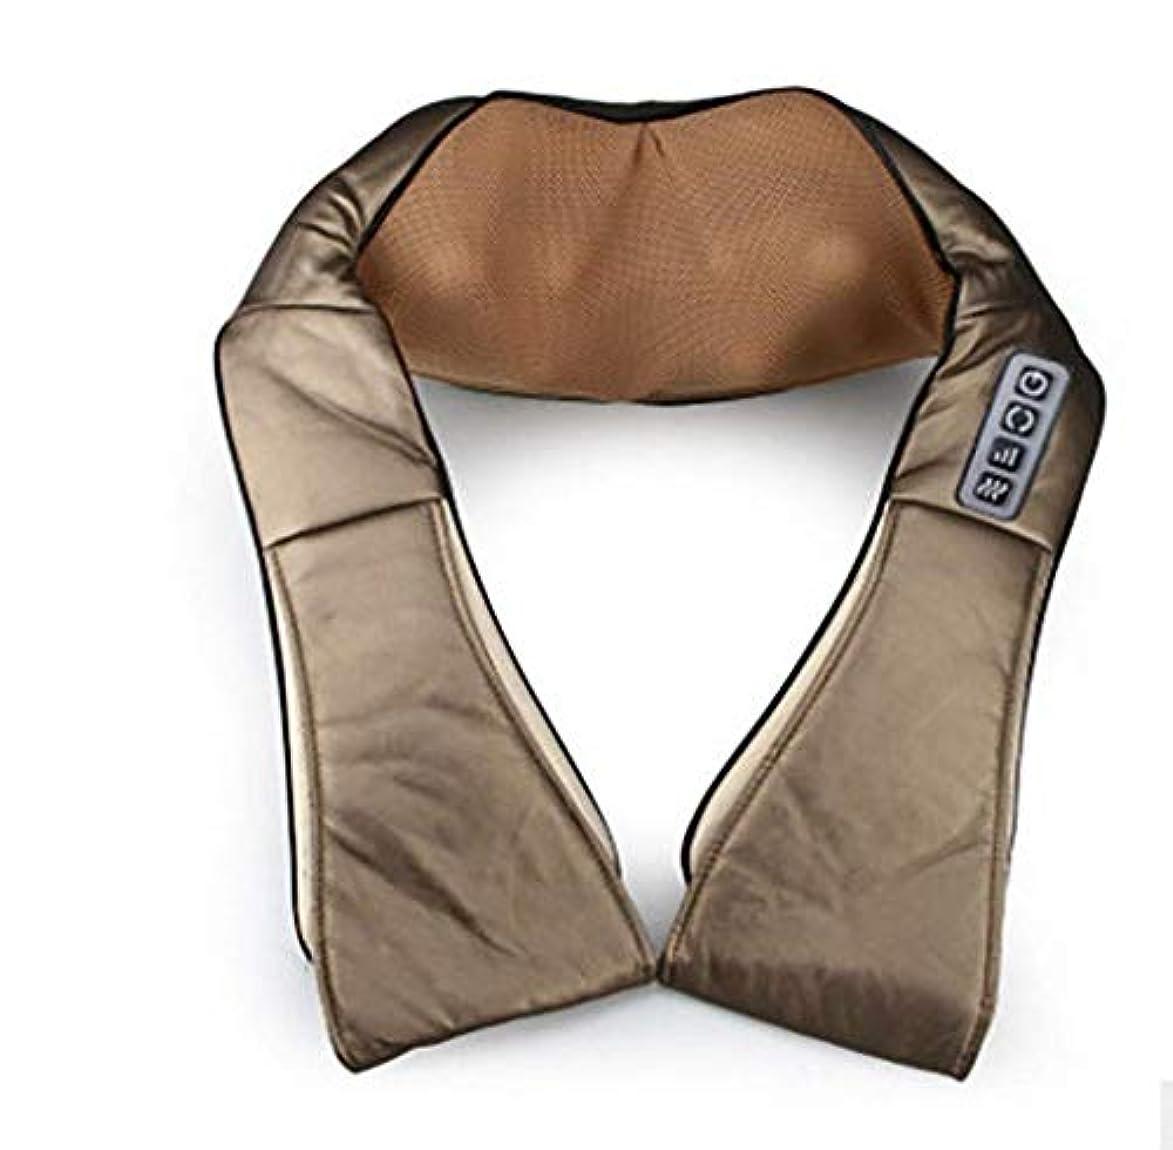 限りなくコーナー縫うネックマッサージャー、子宮頸マッサージ、U字型/赤外線/スマート/ 4Dフィンガープレス/混練マッサージ、首の筋肉をリラックスには、痛みを和らげます (Color : Brown, Size : 4keys)